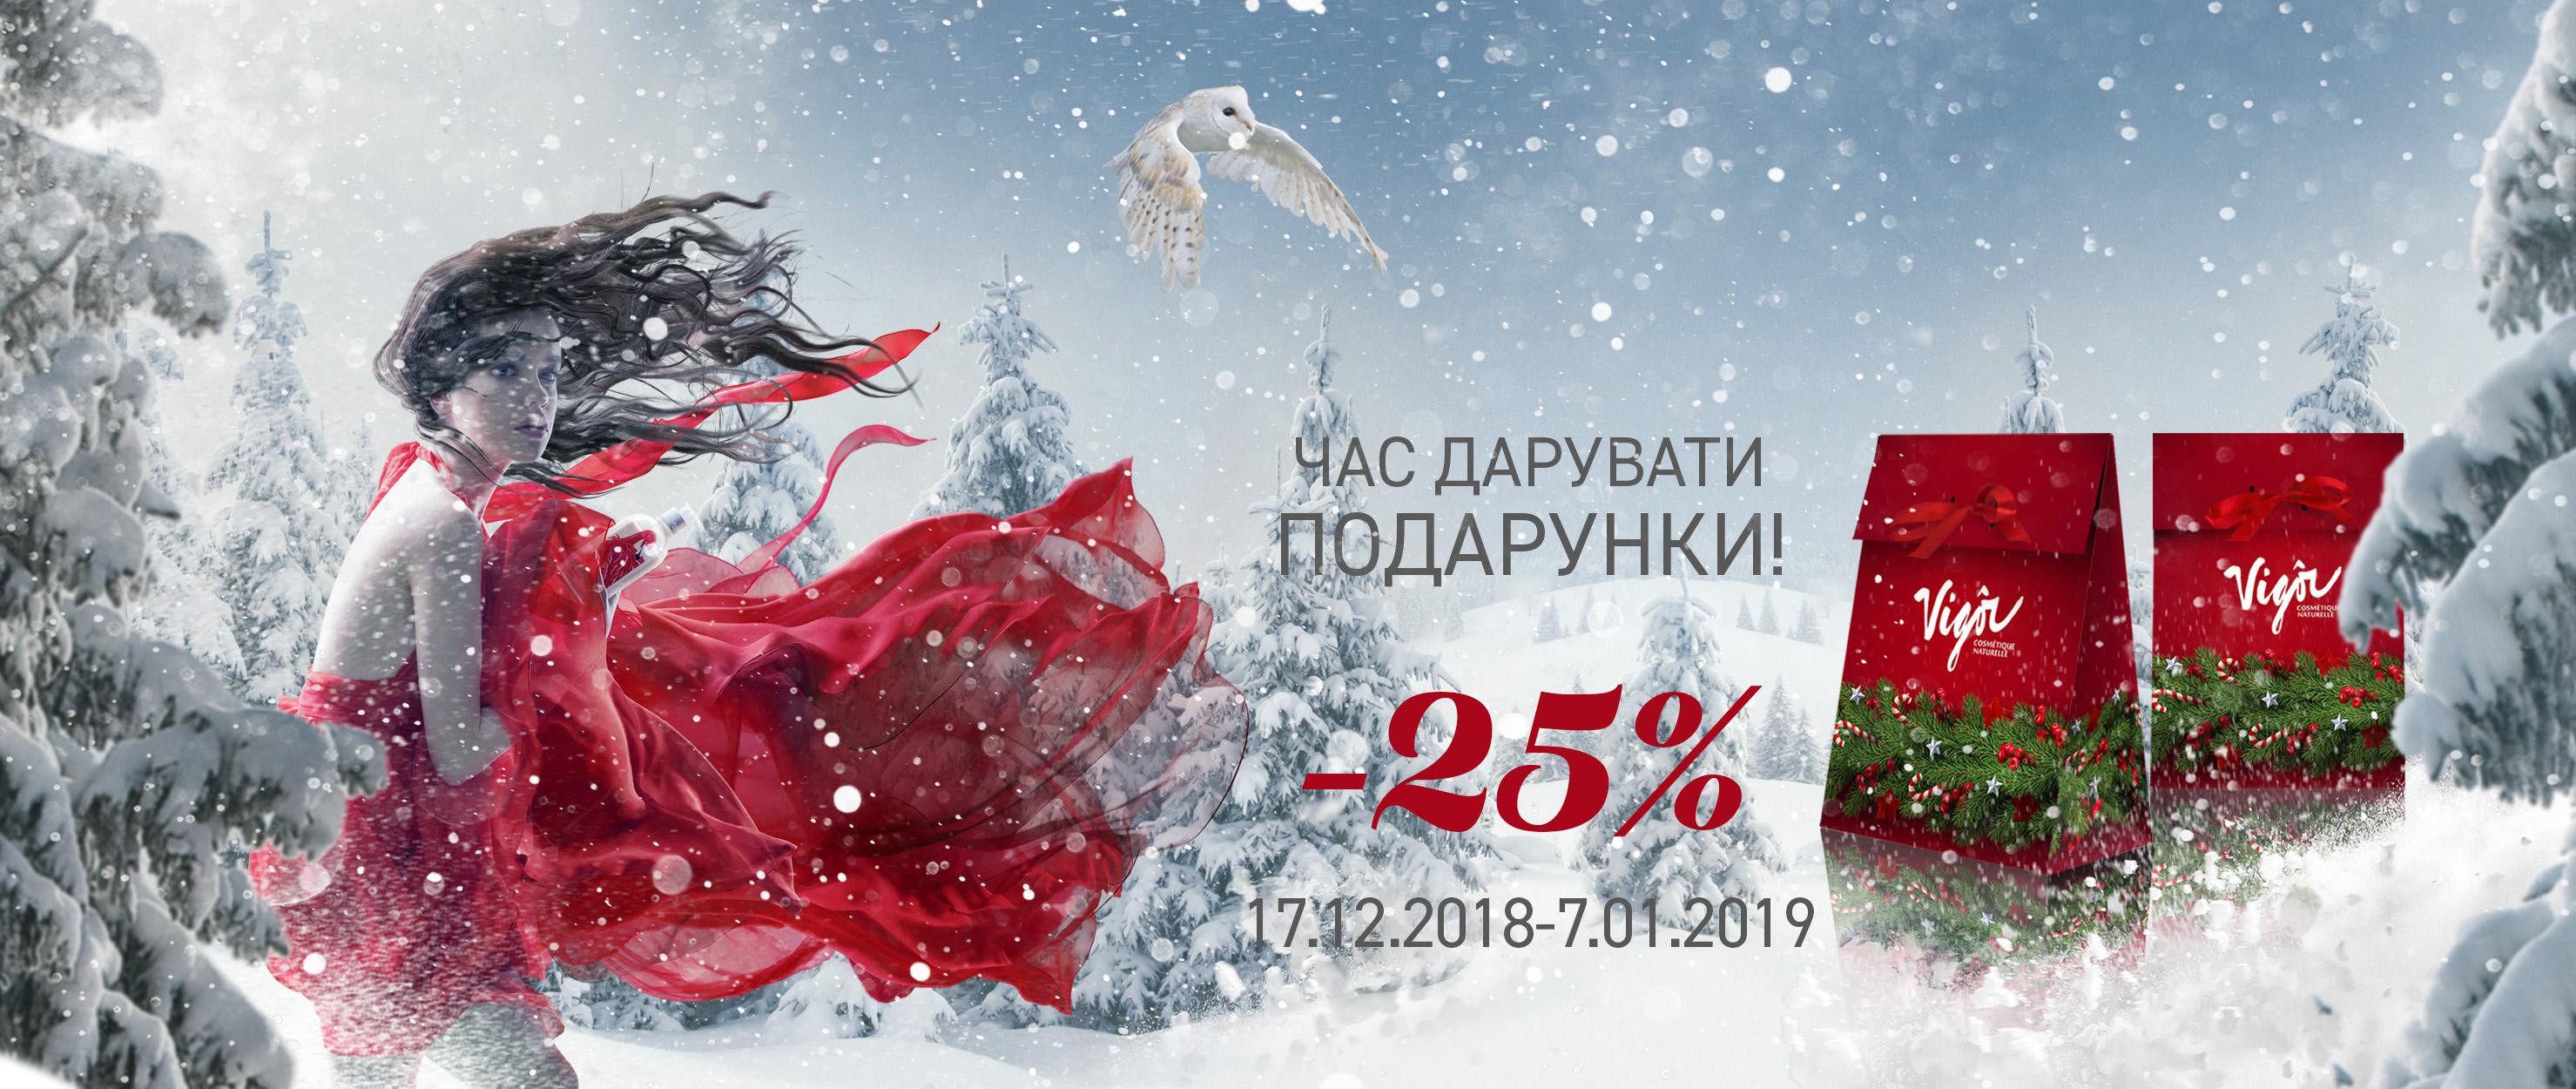 Новый год 2018-2019  укр.версия